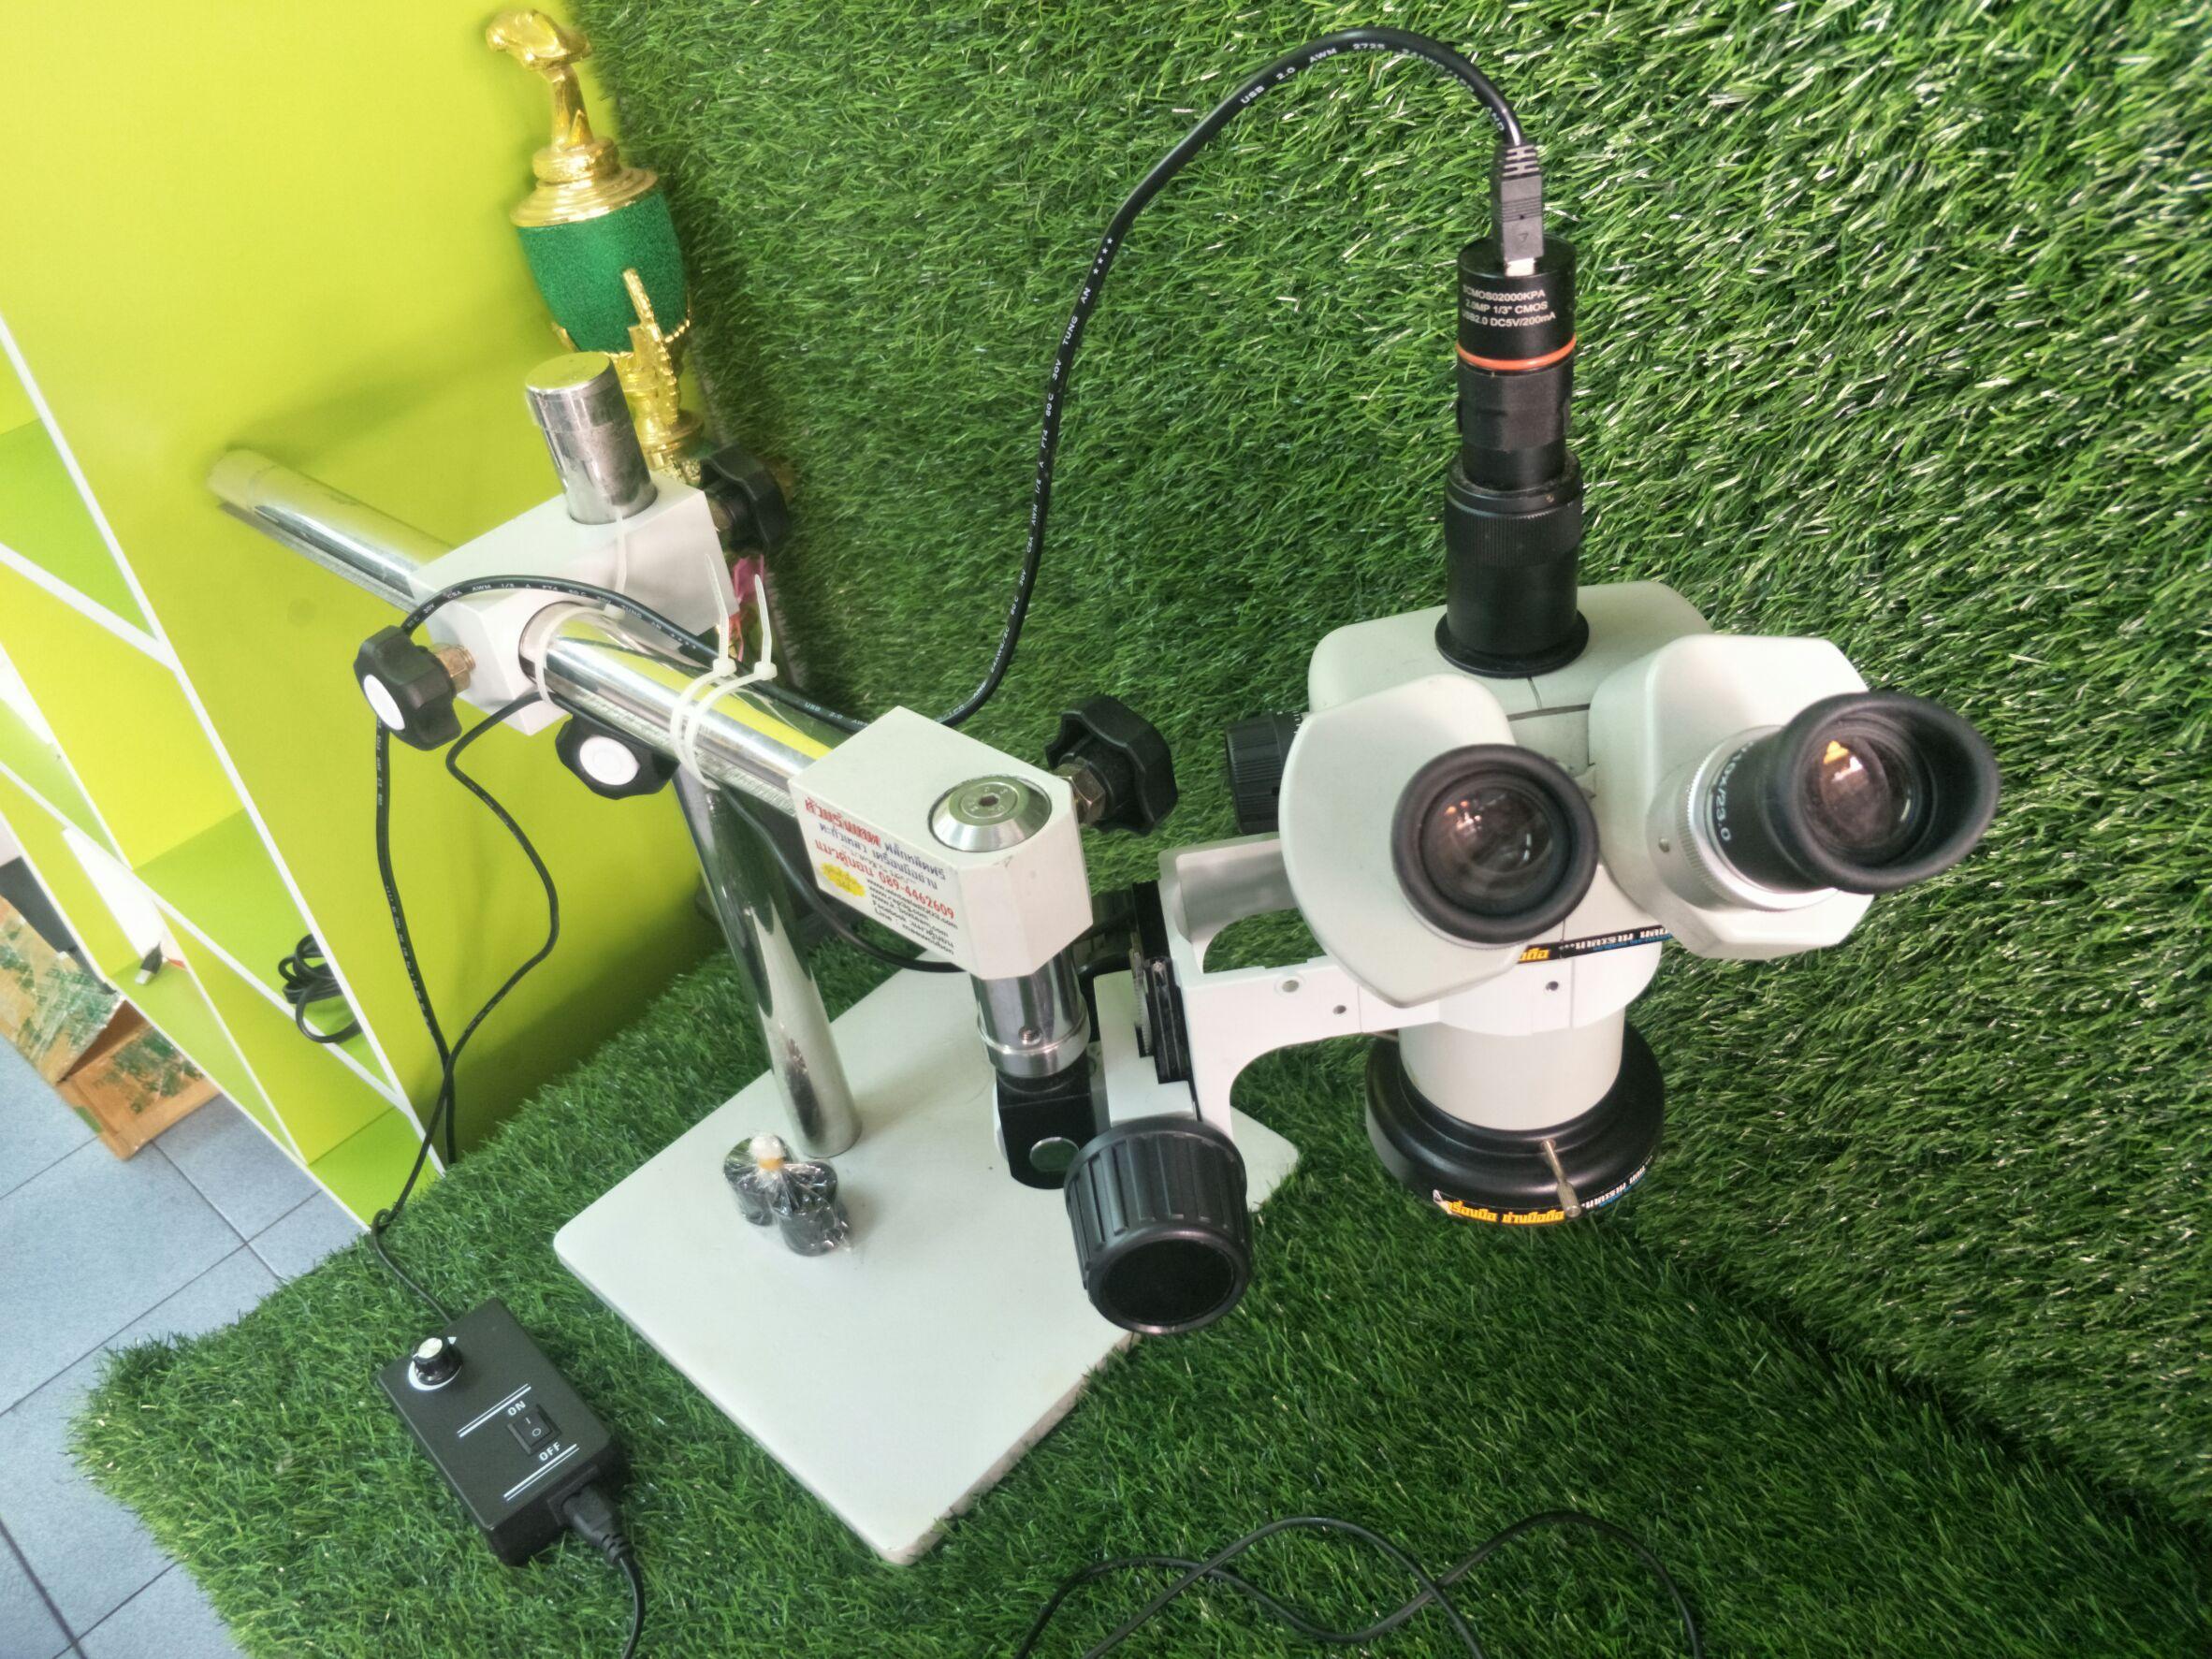 กล้องไมโคตรสโคป Carton DSZ44 (มือสอง)